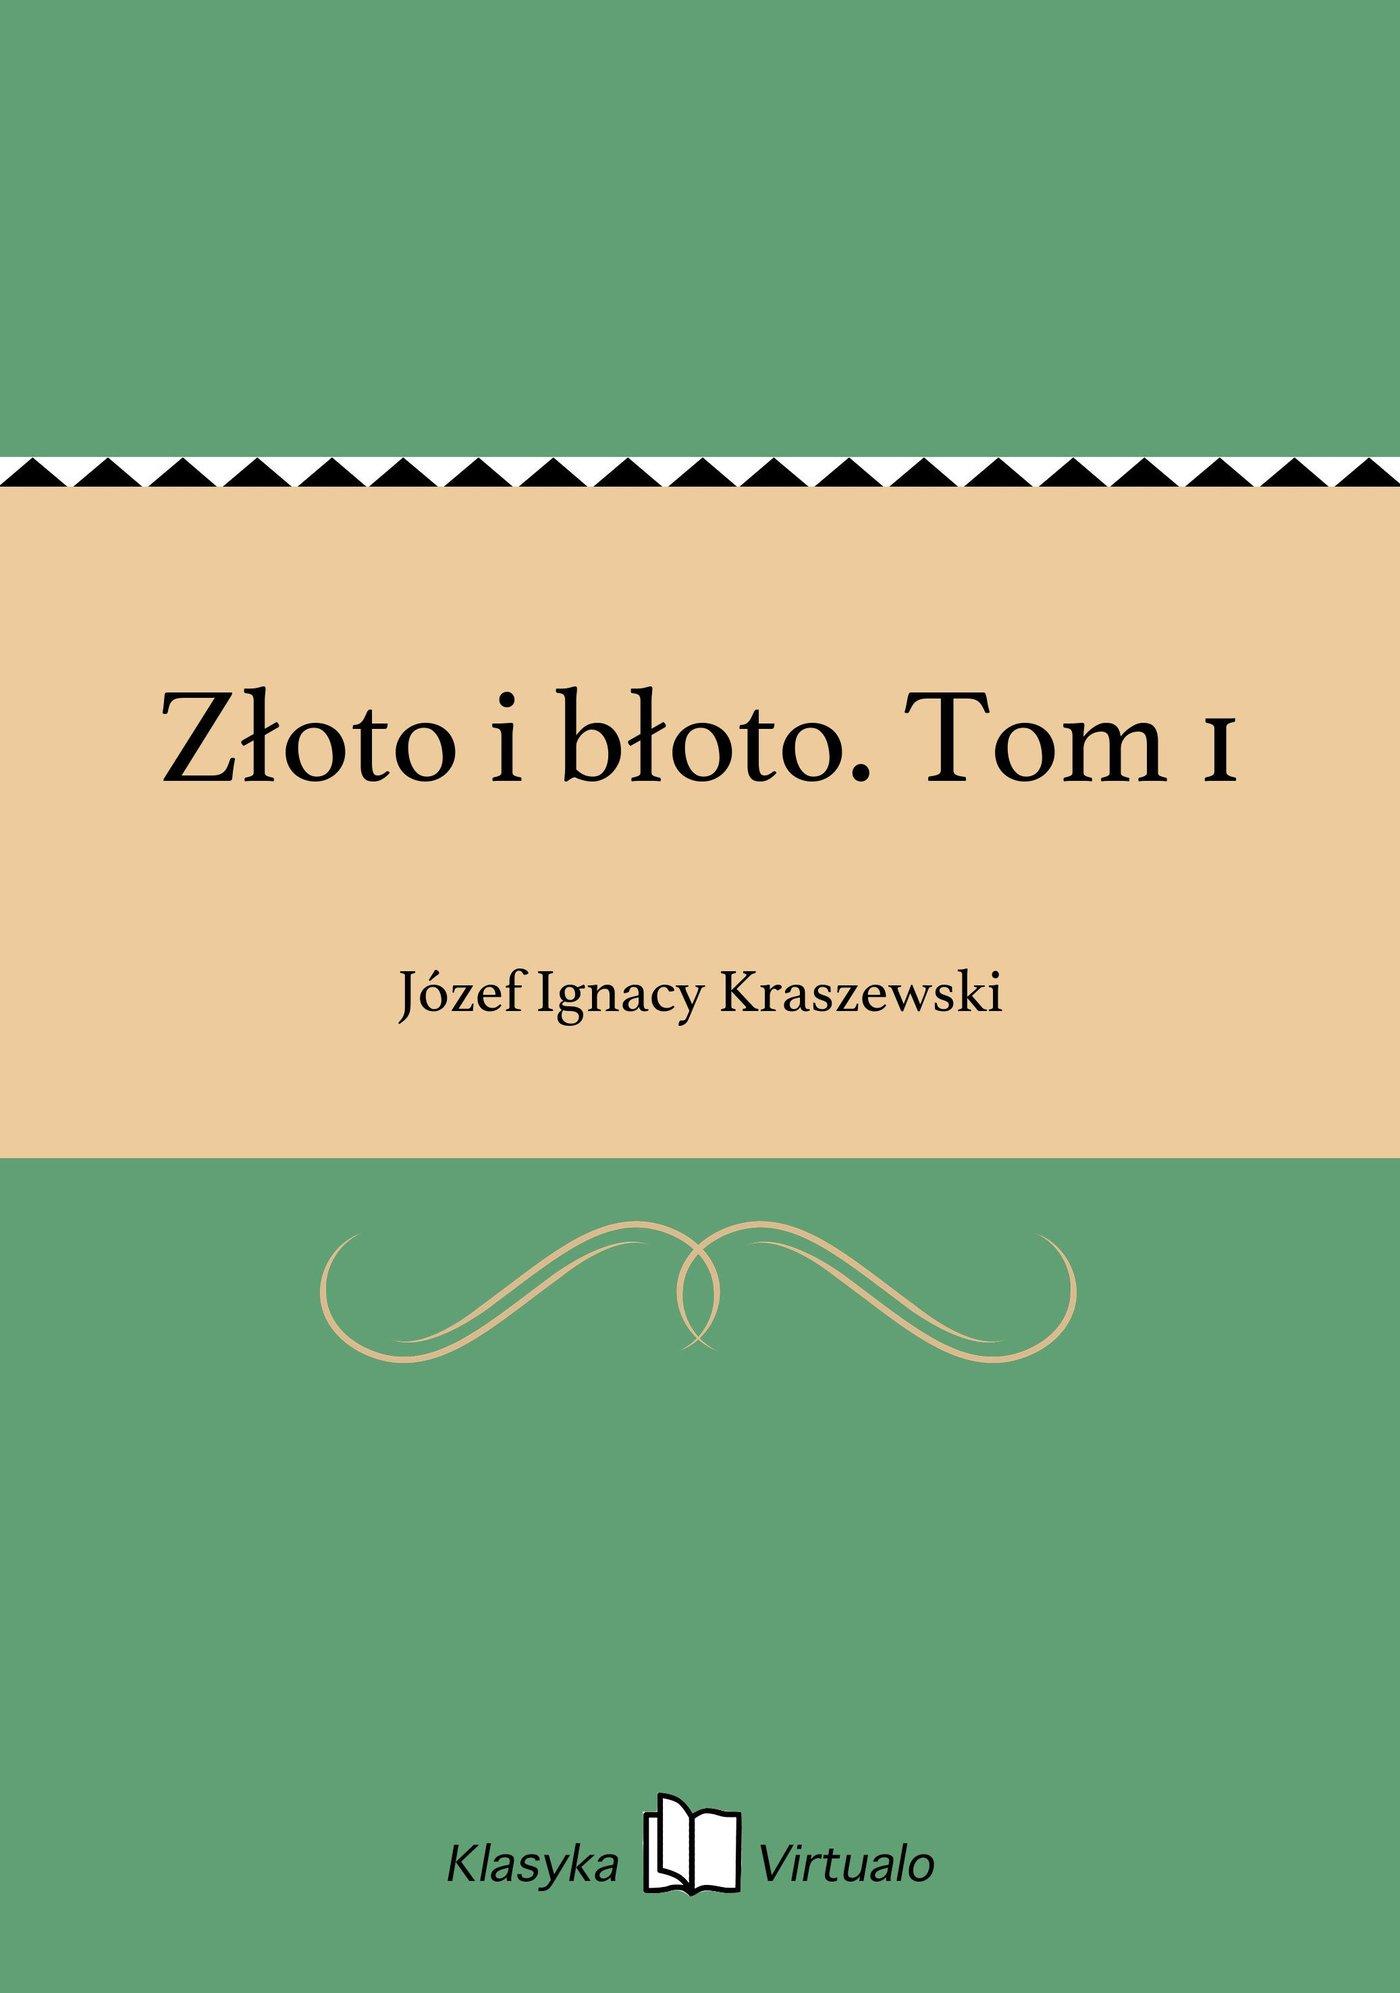 Złoto i błoto. Tom 1 - Ebook (Książka EPUB) do pobrania w formacie EPUB